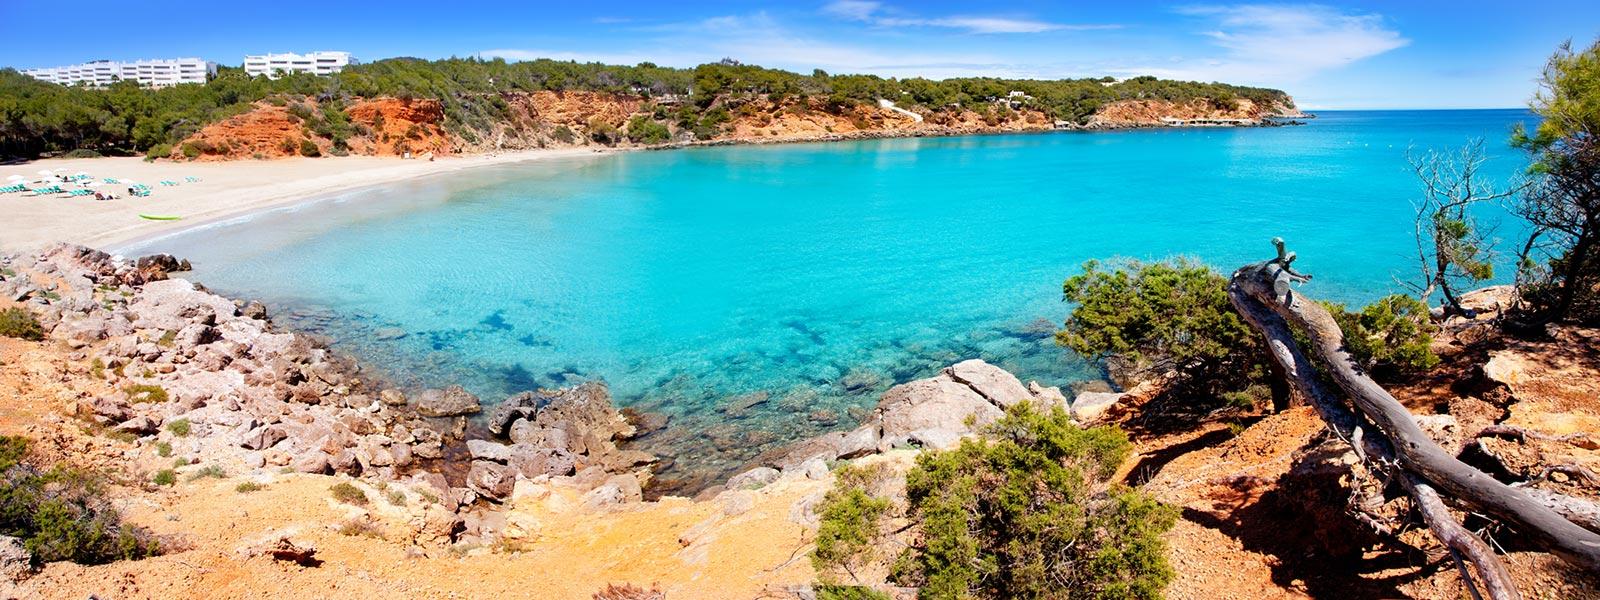 Strandbucht auf Ibiza